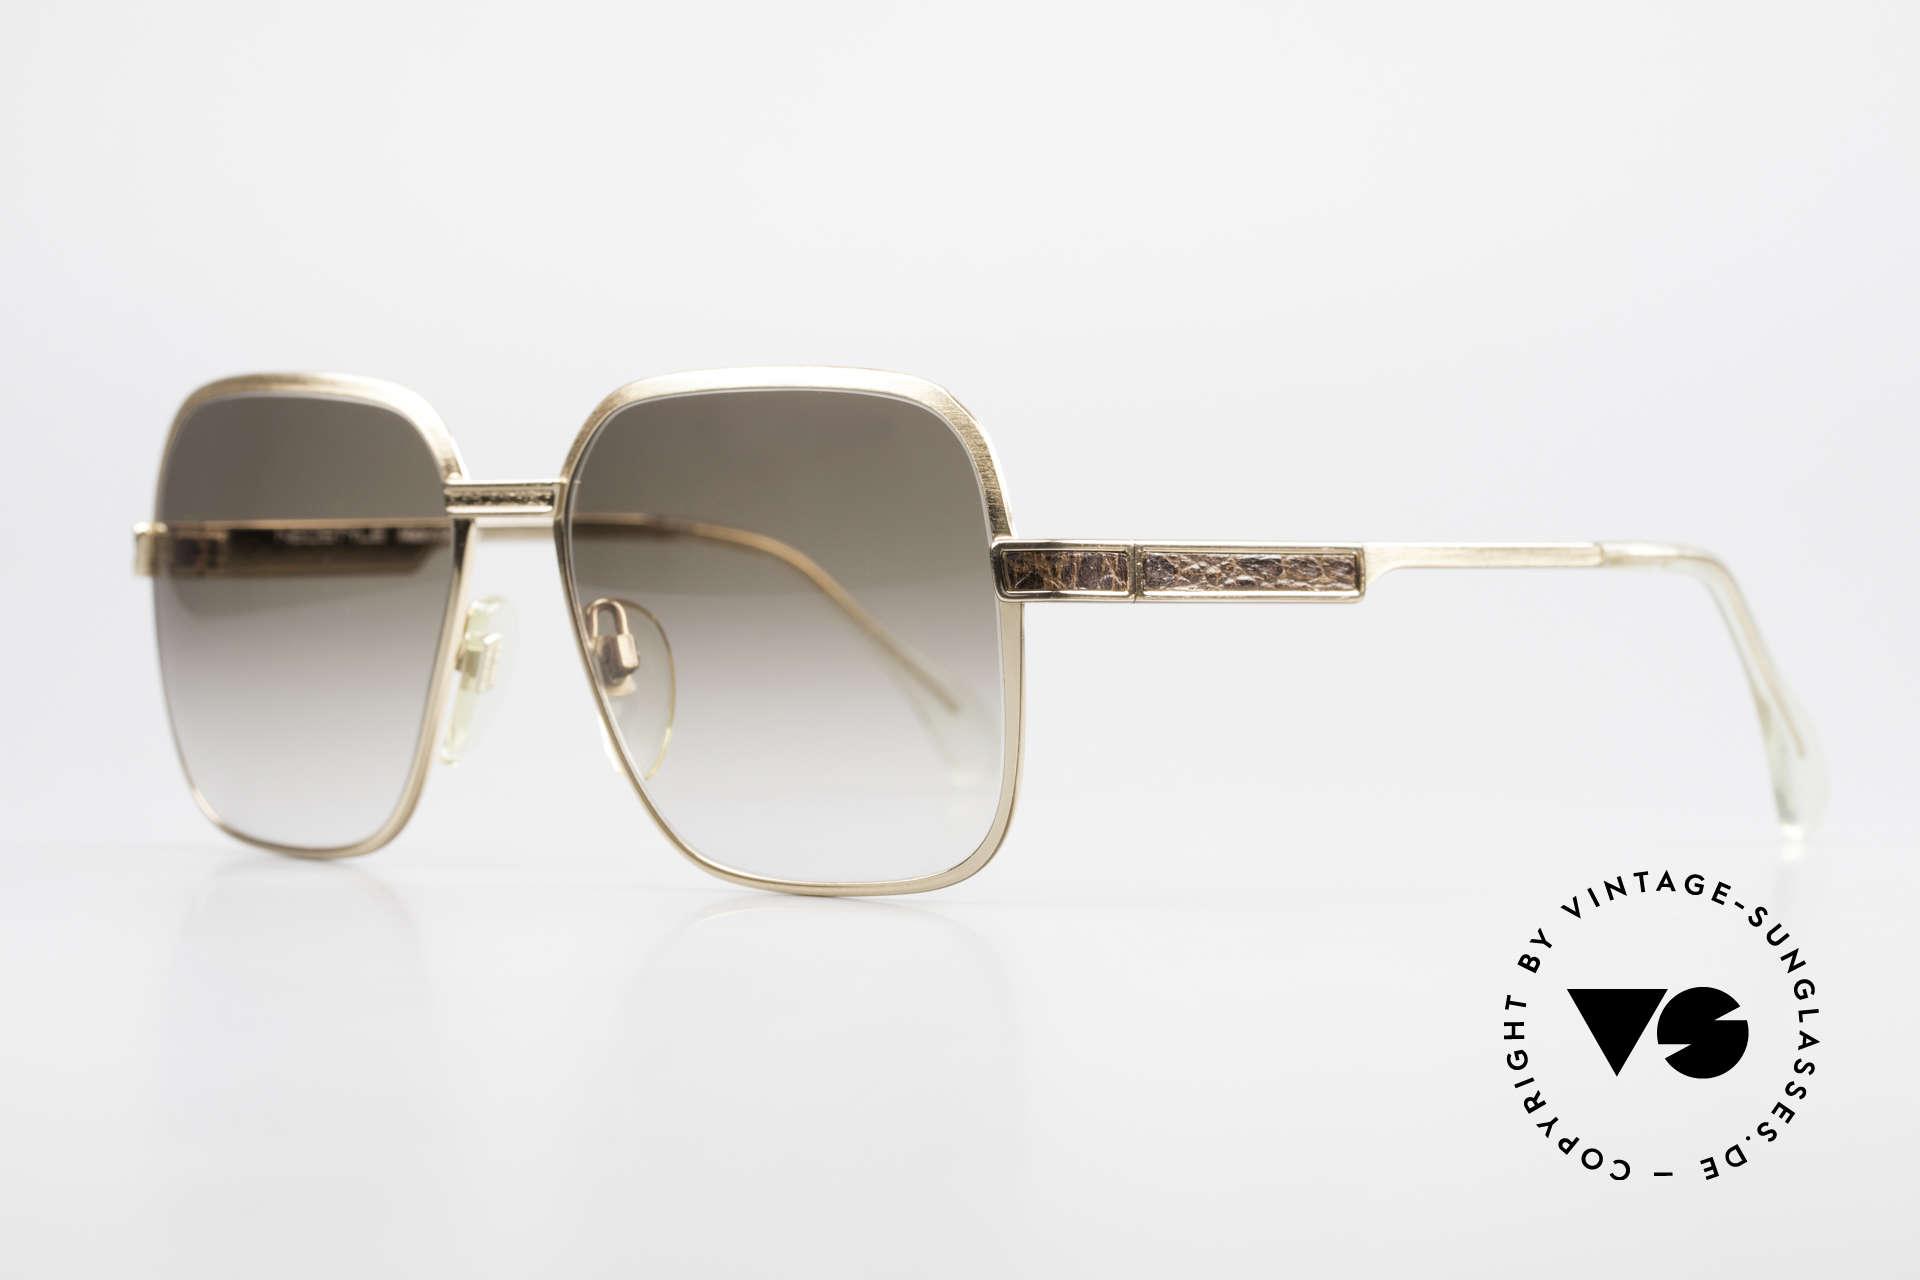 Neostyle Boutique 510 Leder Edition Vergoldet 80er, Fertigung wie aus einem Stück / einem Guss, Passend für Herren